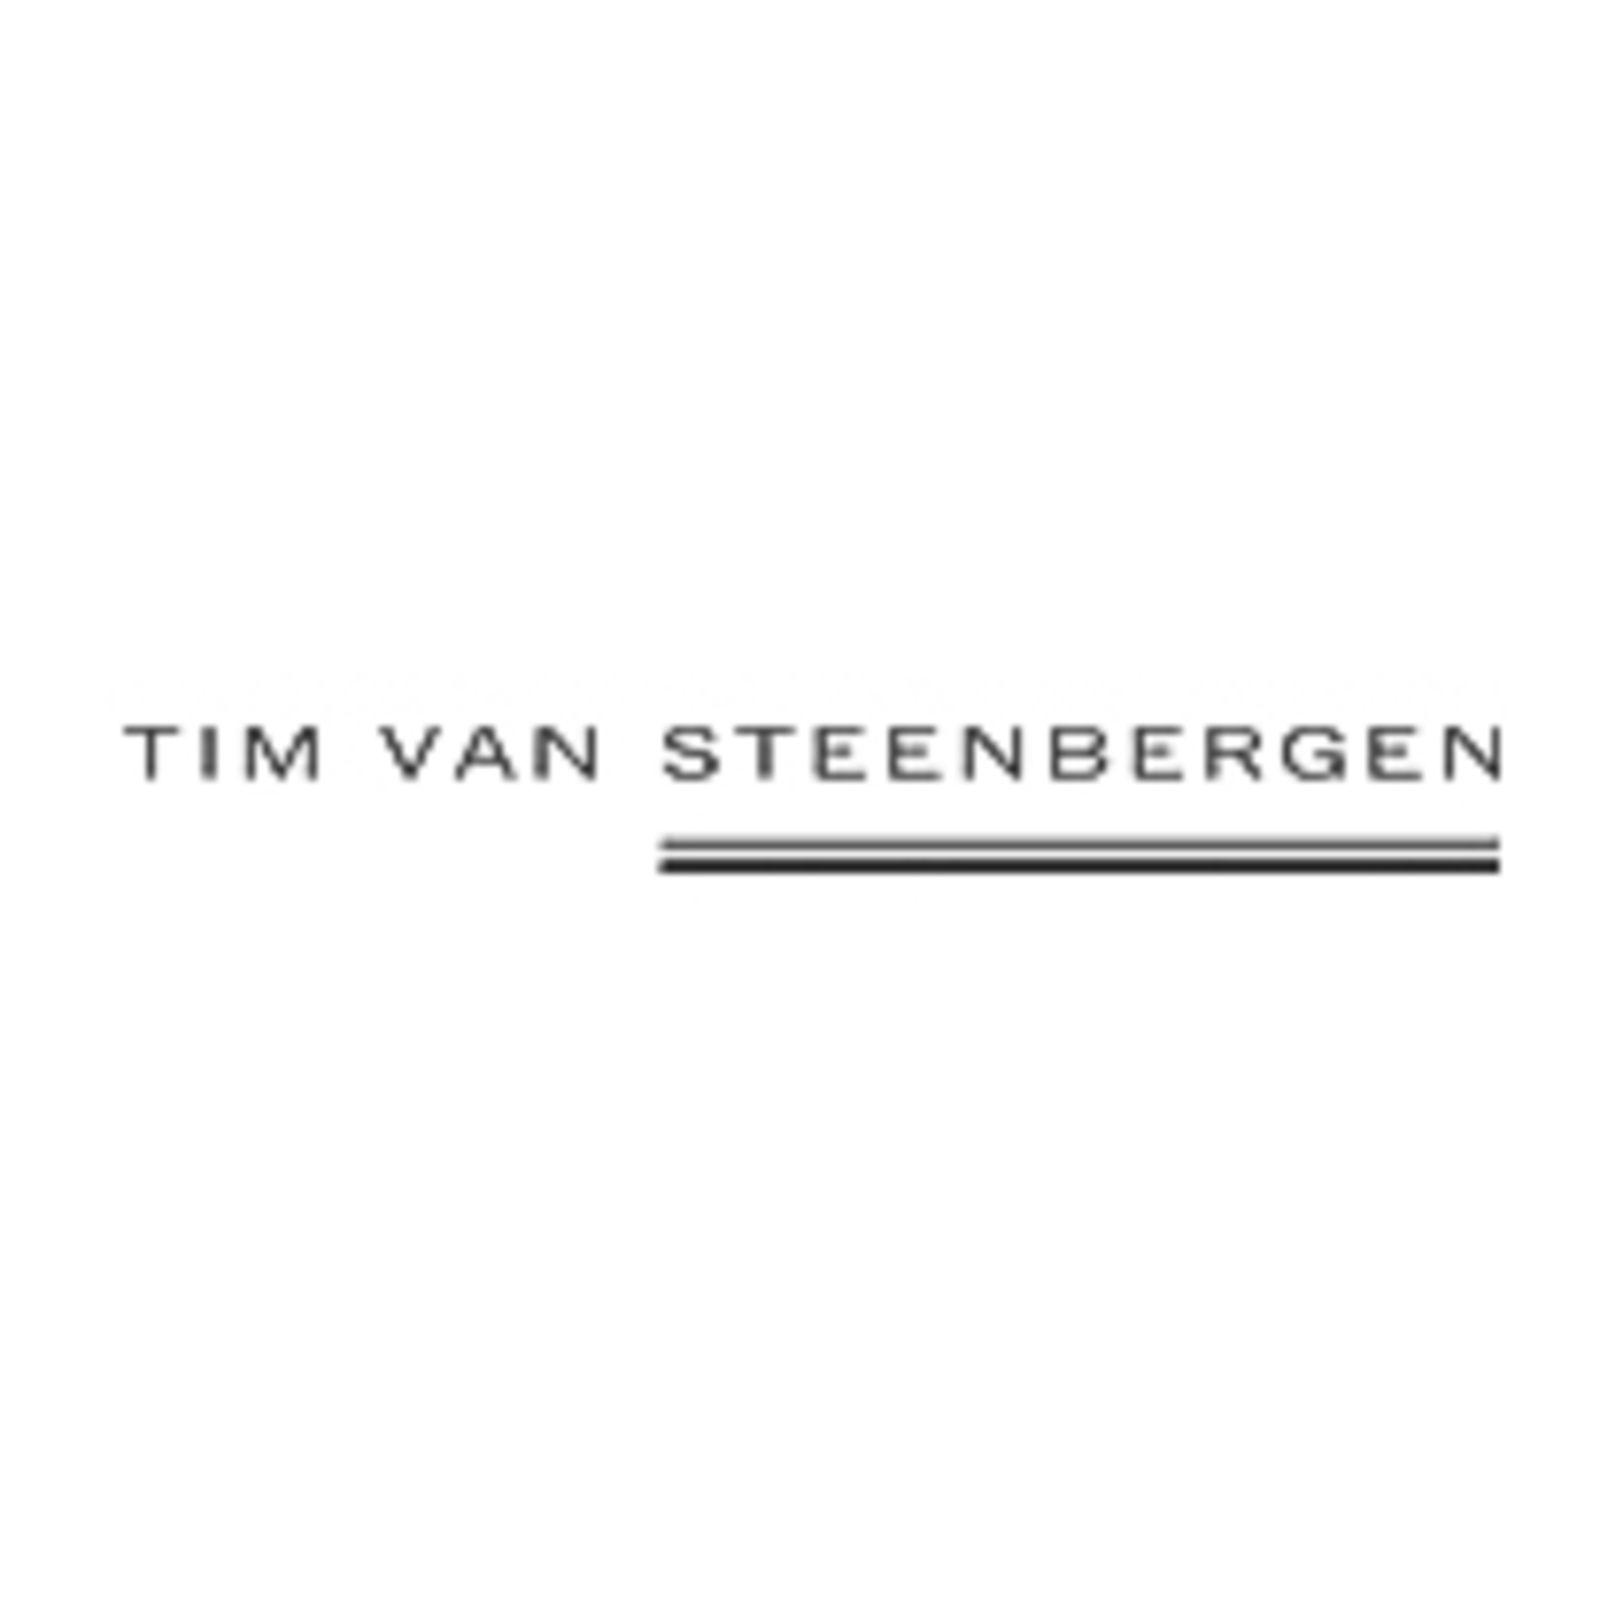 TIM VAN STEENBERGEN in Deutschland (Bild 1)